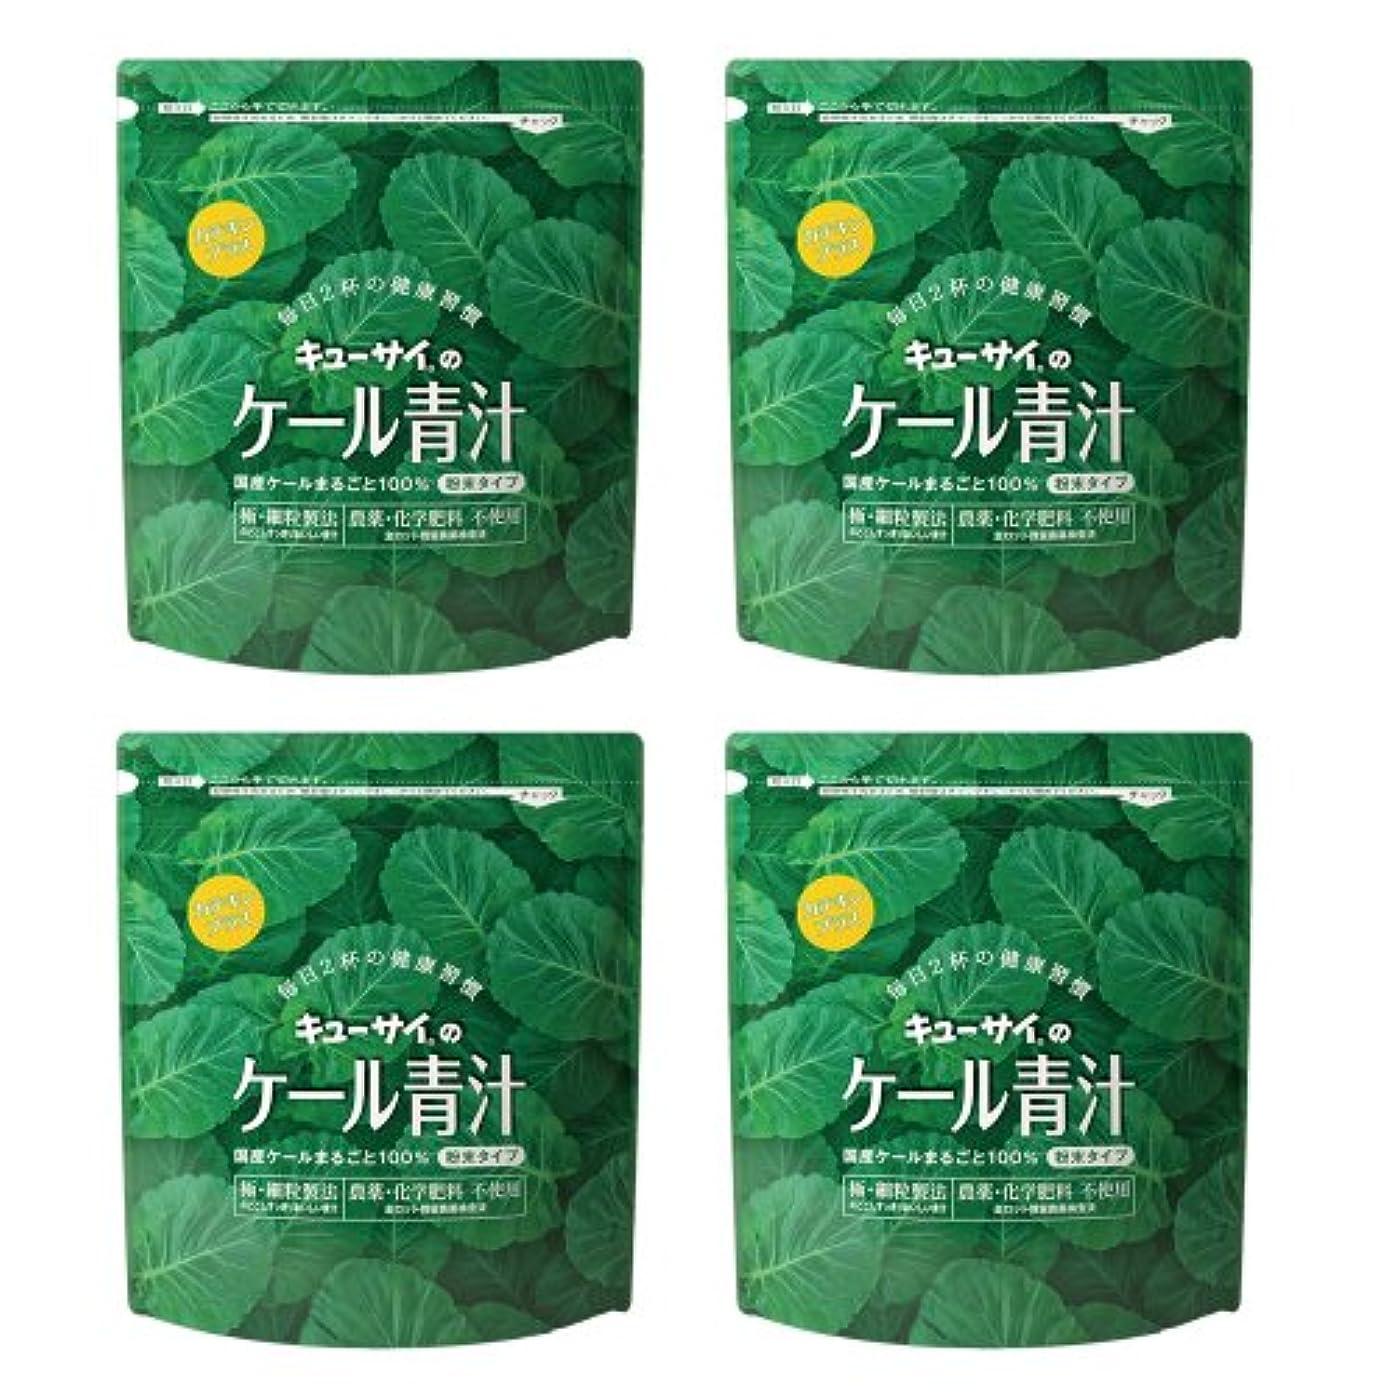 エージェントきつく平和的キューサイ青汁カテキンプラス420g(粉末タイプ)4袋まとめ買い【1袋420g(約1カ月分)】